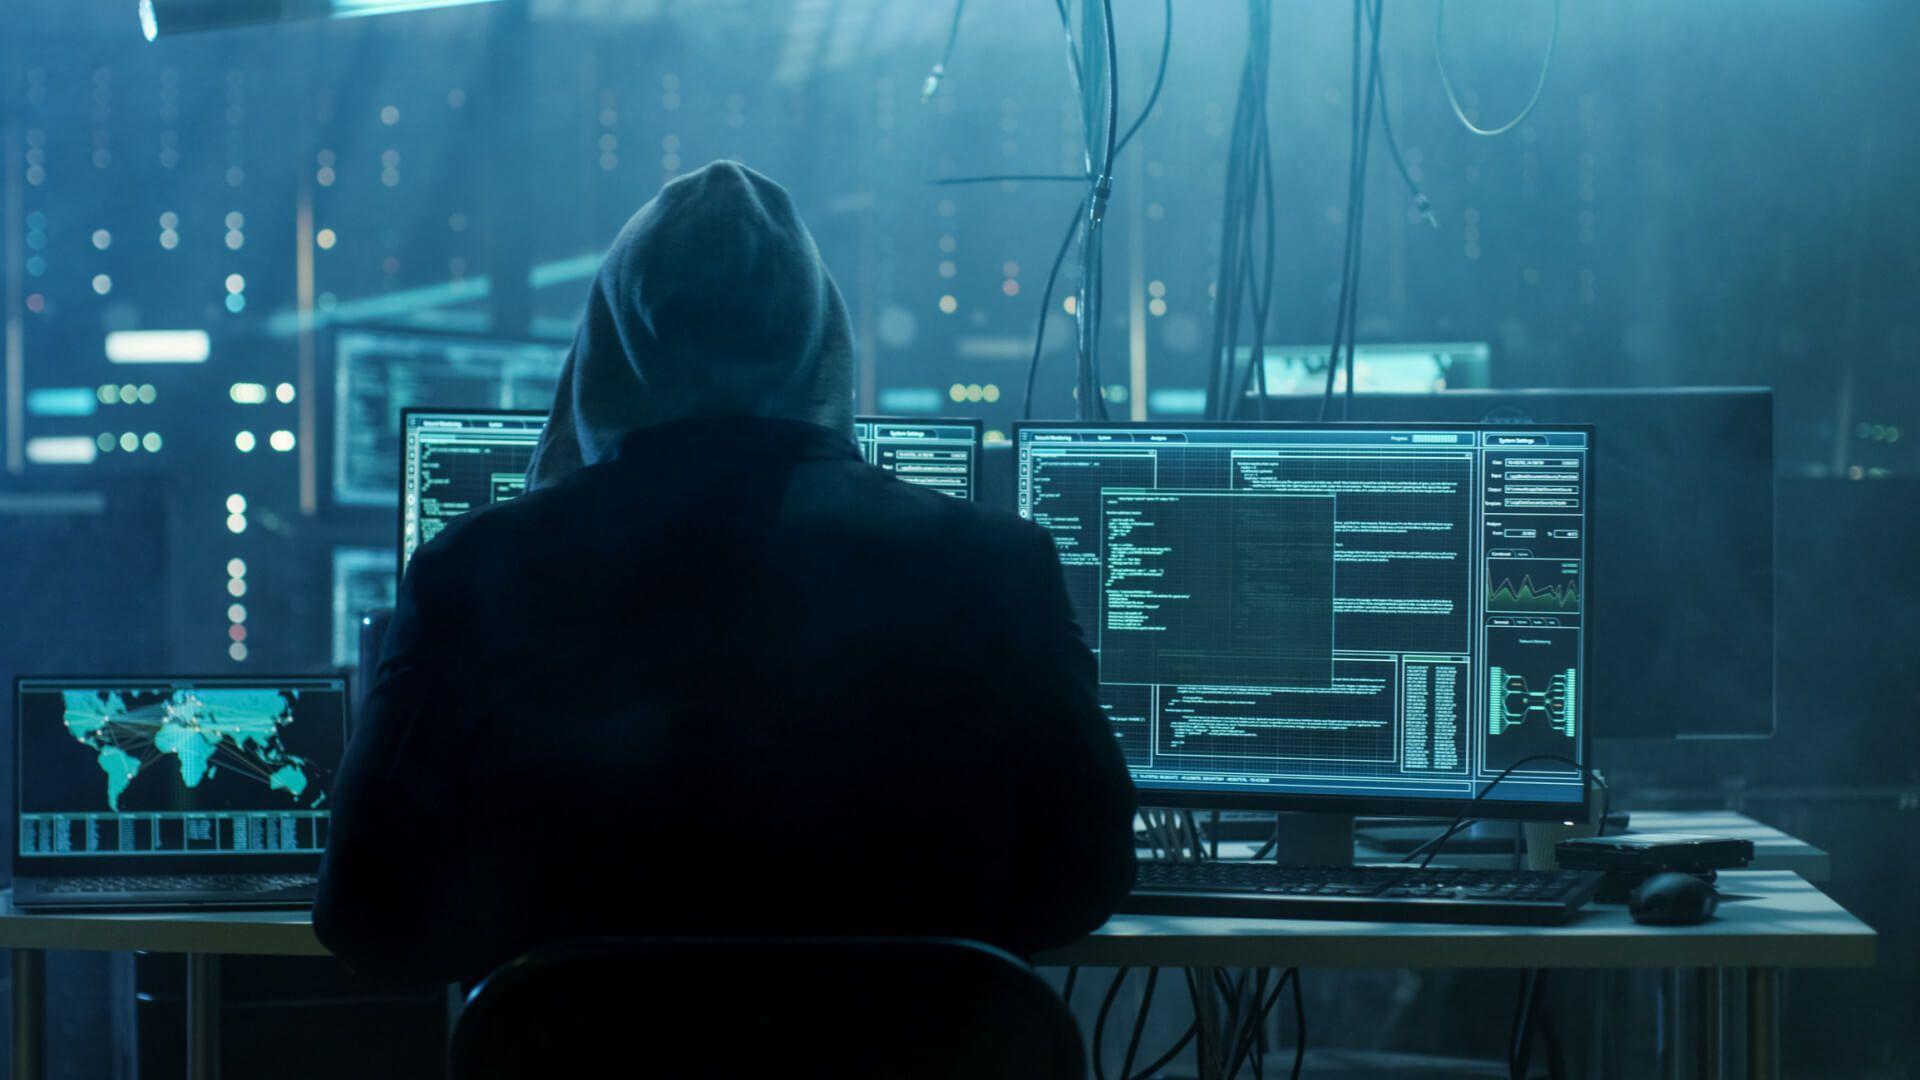 Jak zupełnie wyłączyć kamerę w Macbook | iMac blokując możliwość podglądania nas przez hackerów